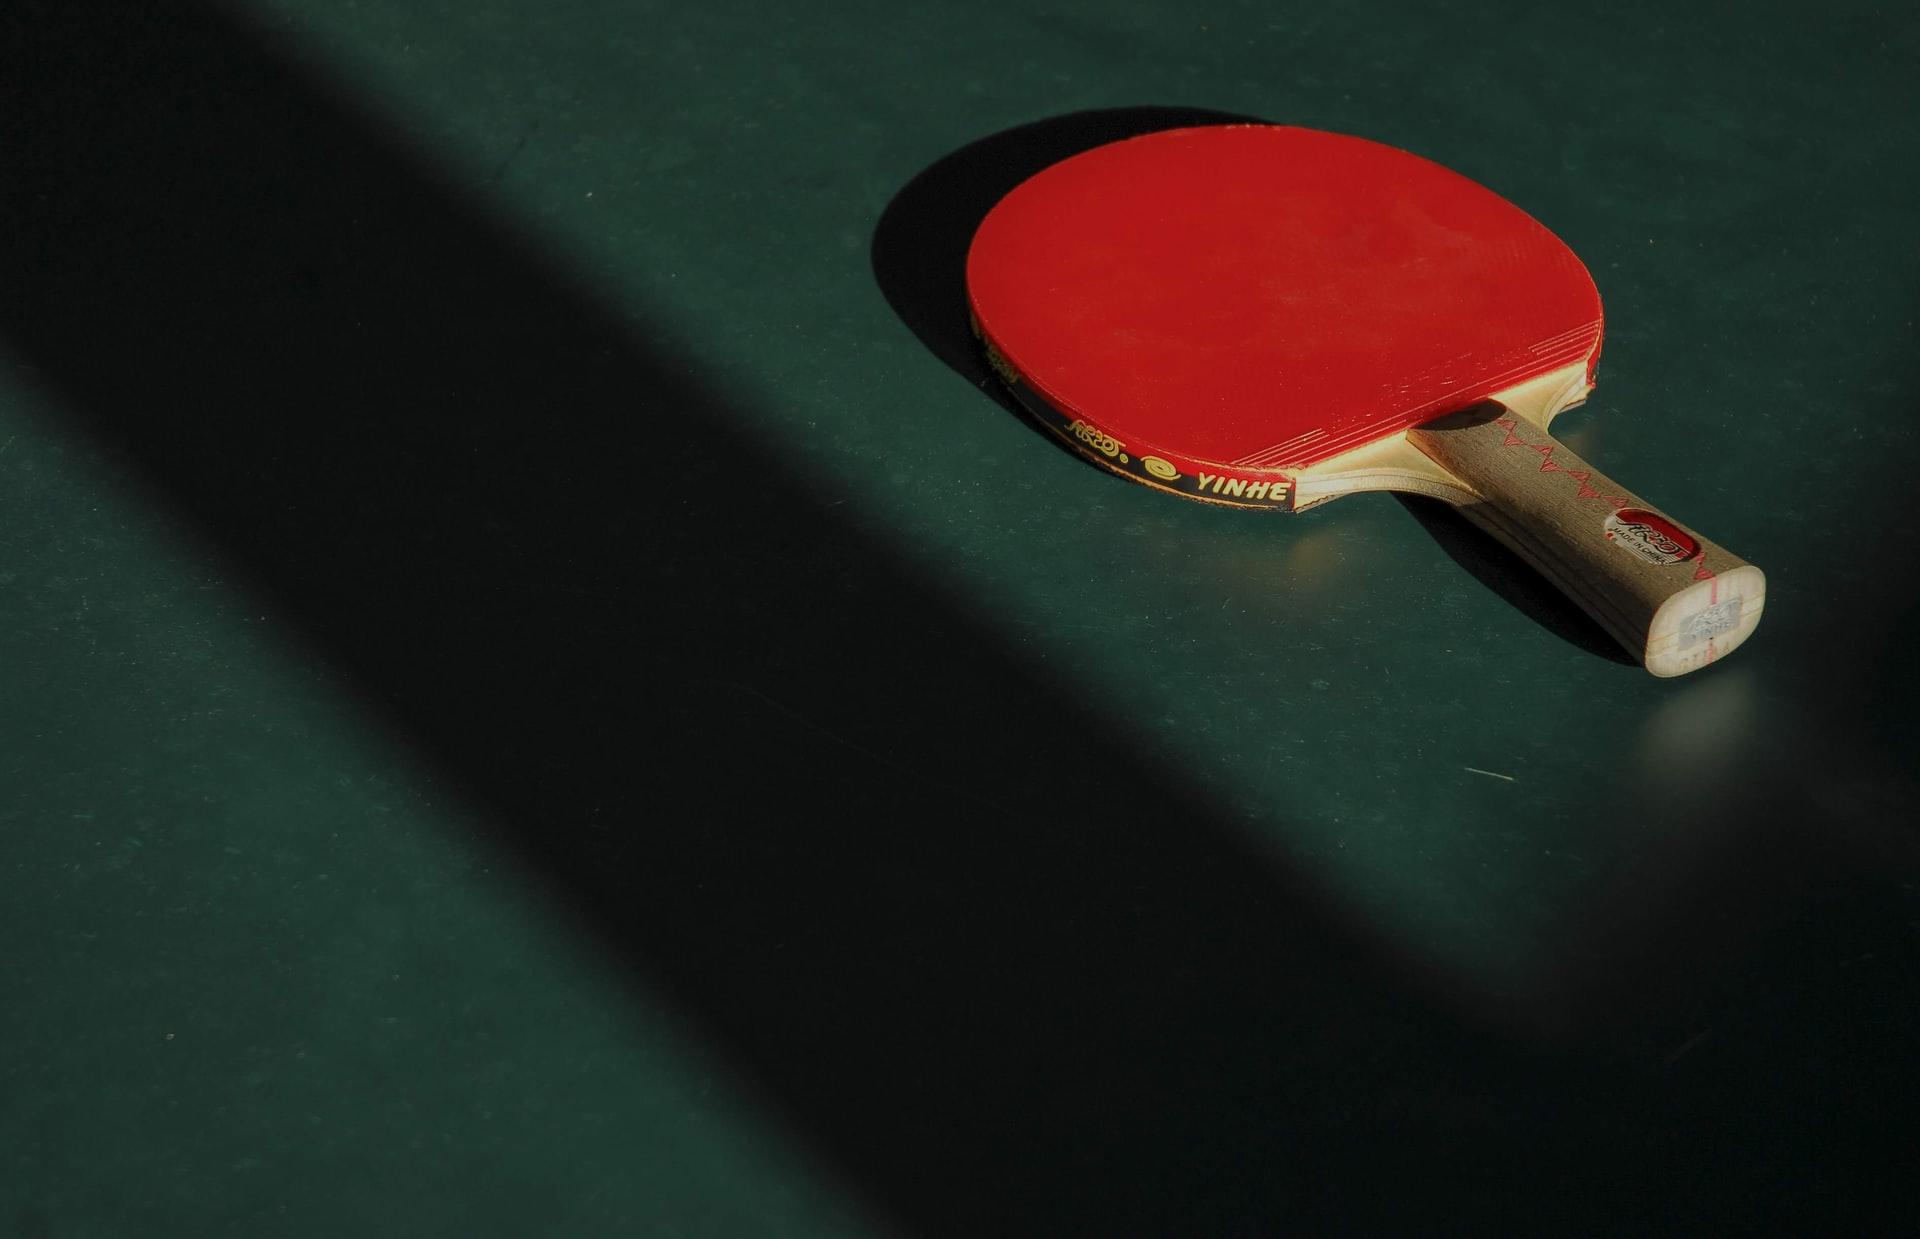 zdjęcie przedstawia rakietkę do tenisa stołowego leżącą na stole tenisowym